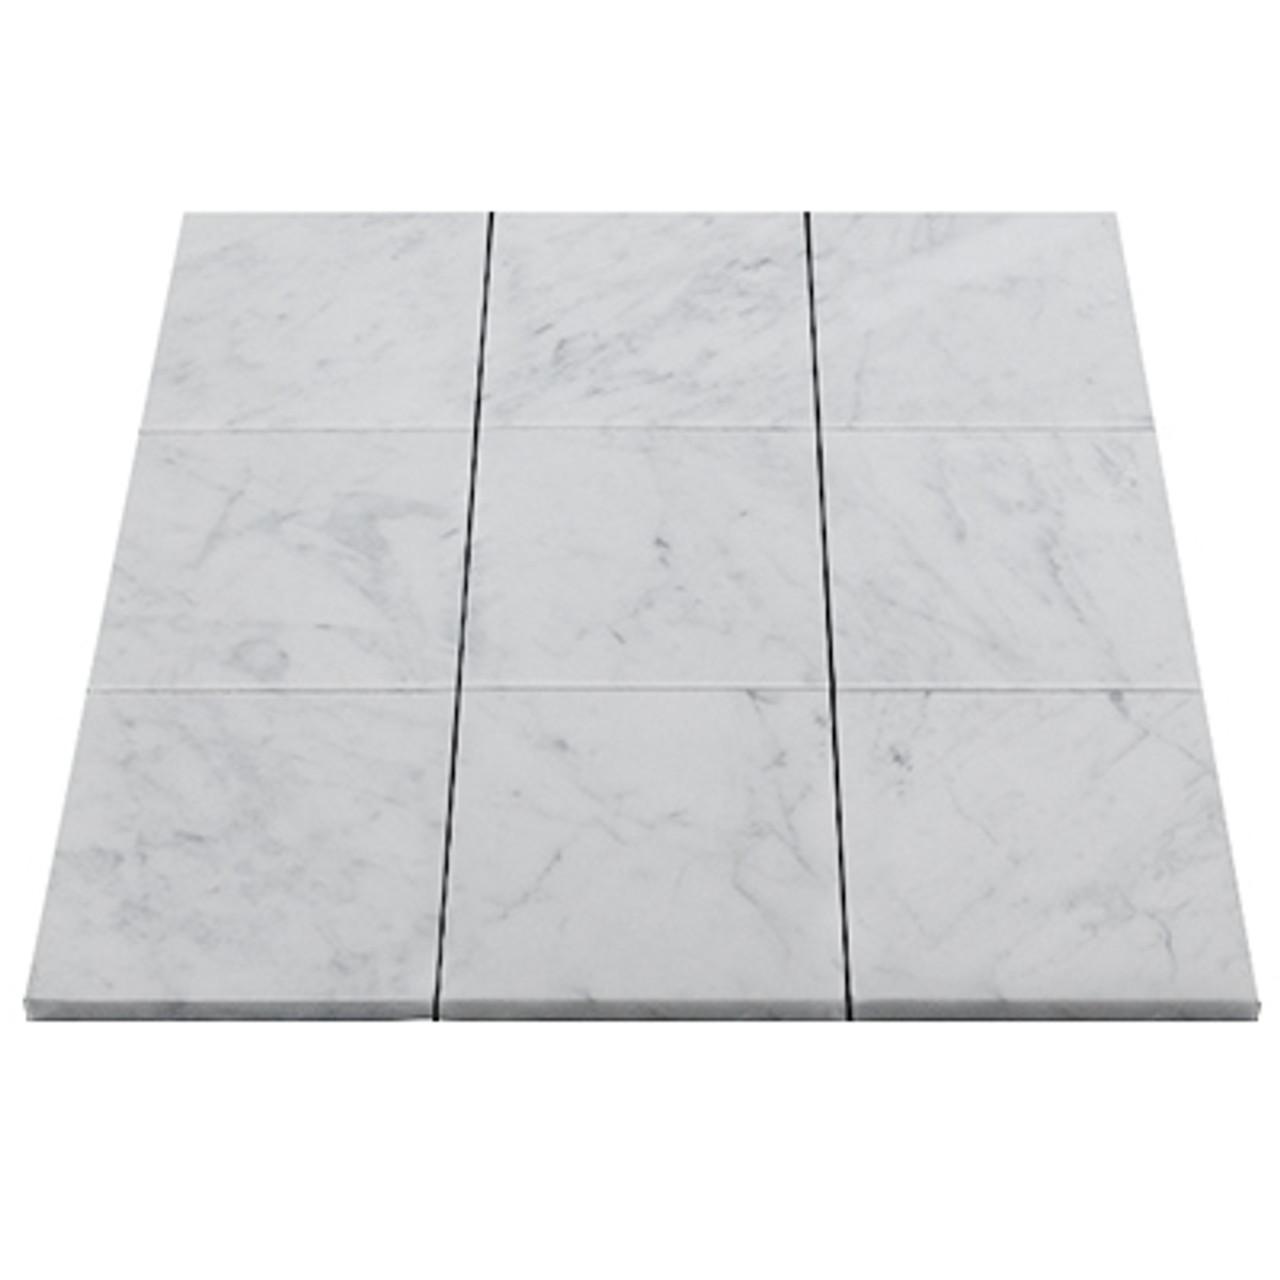 4 x 4 italian carrara marble tile honed